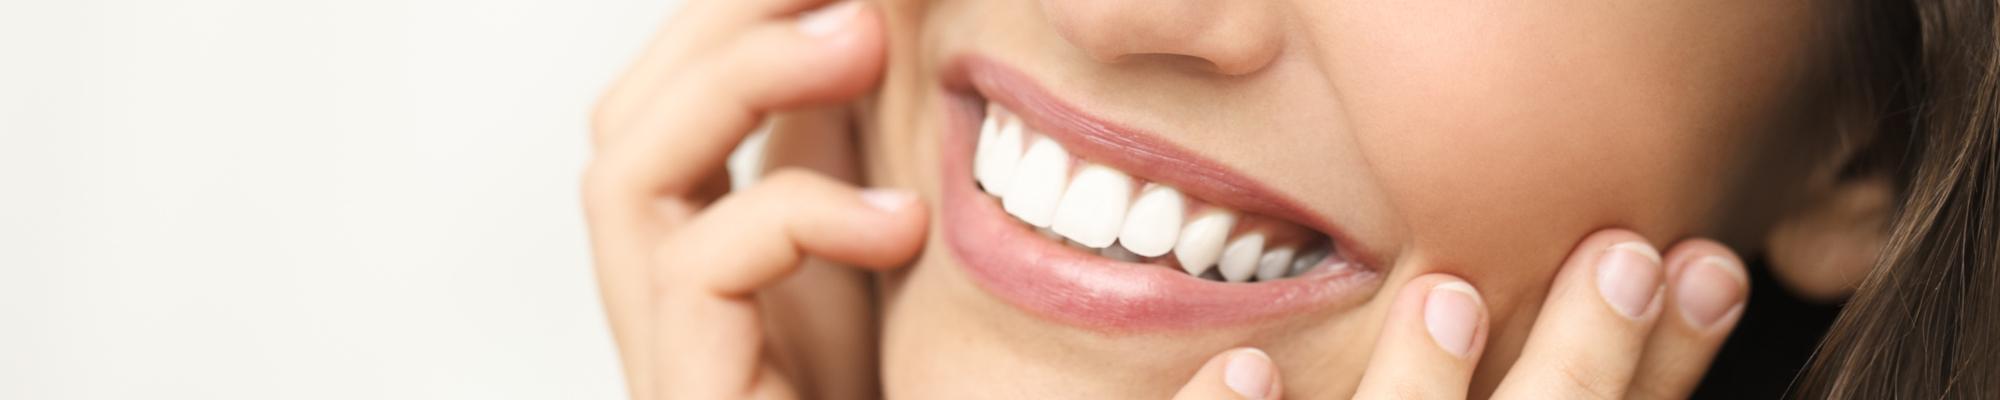 Dentist Atherton, NHS Dentist Atherton, NHS Dentist Wigan